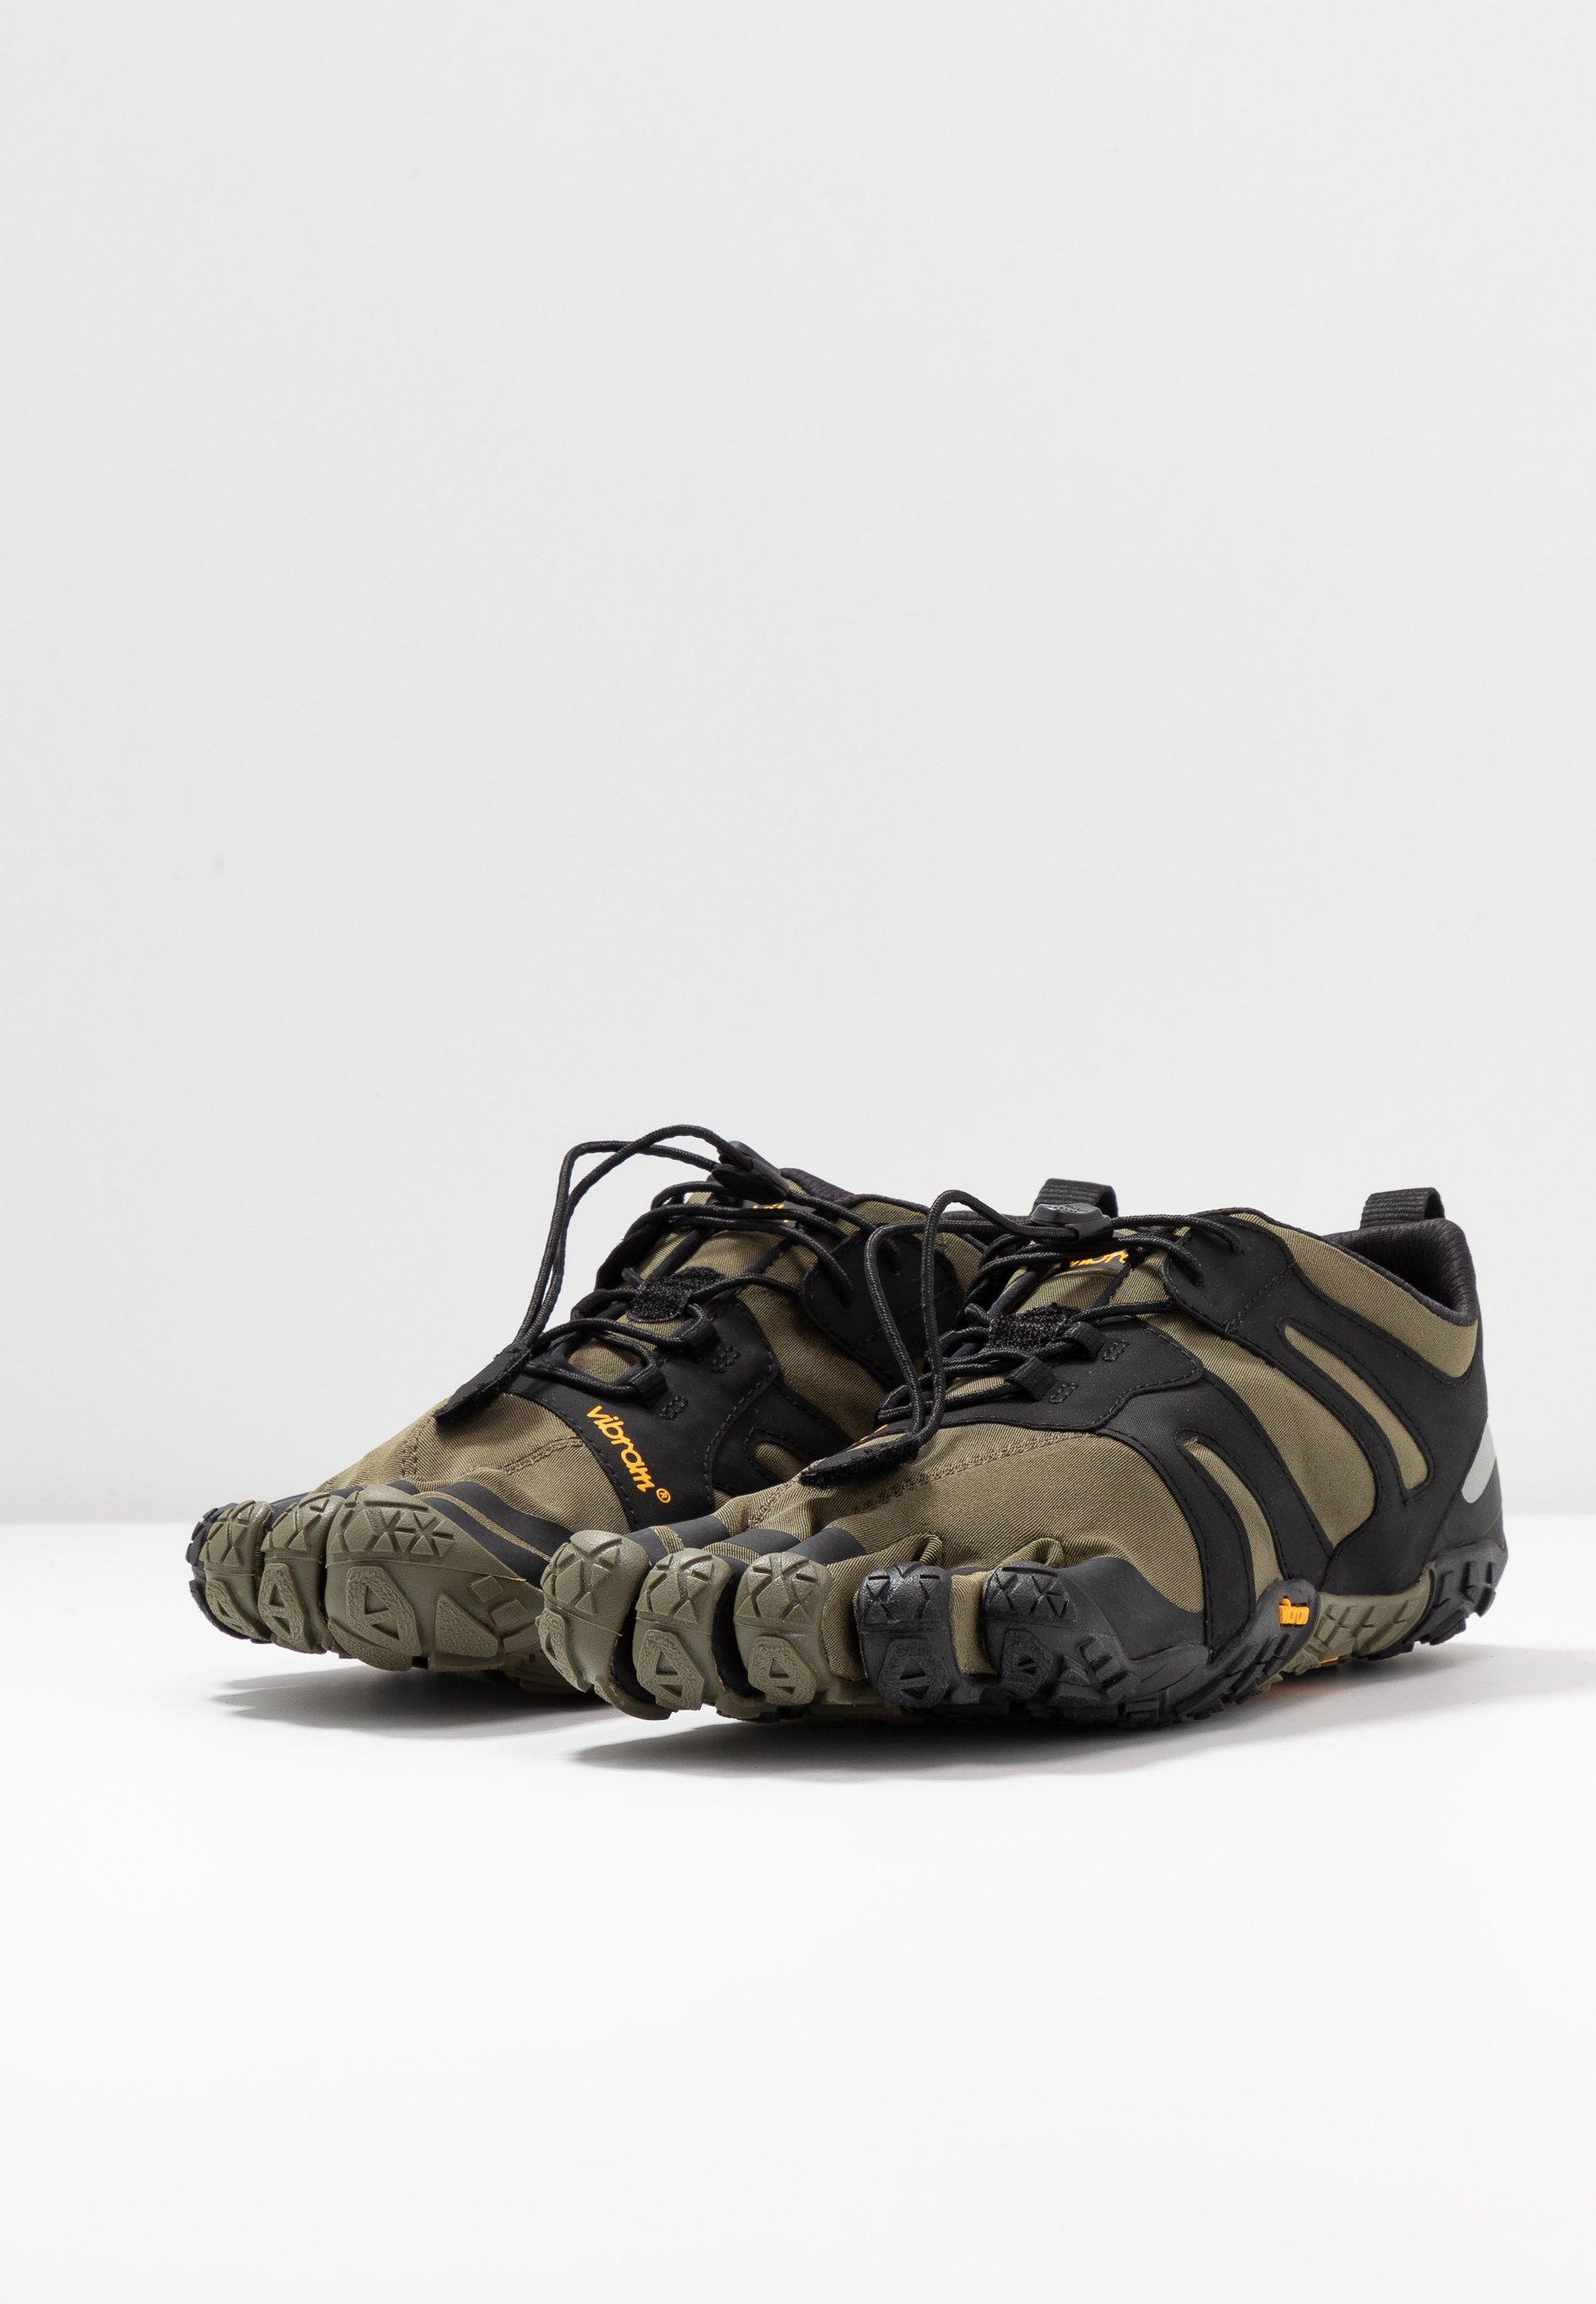 Descuento Particular Calzado de hombre Vibram Fivefingers V-TRAIL 2.0 Zapatillas running neutras ivy/black CScddo